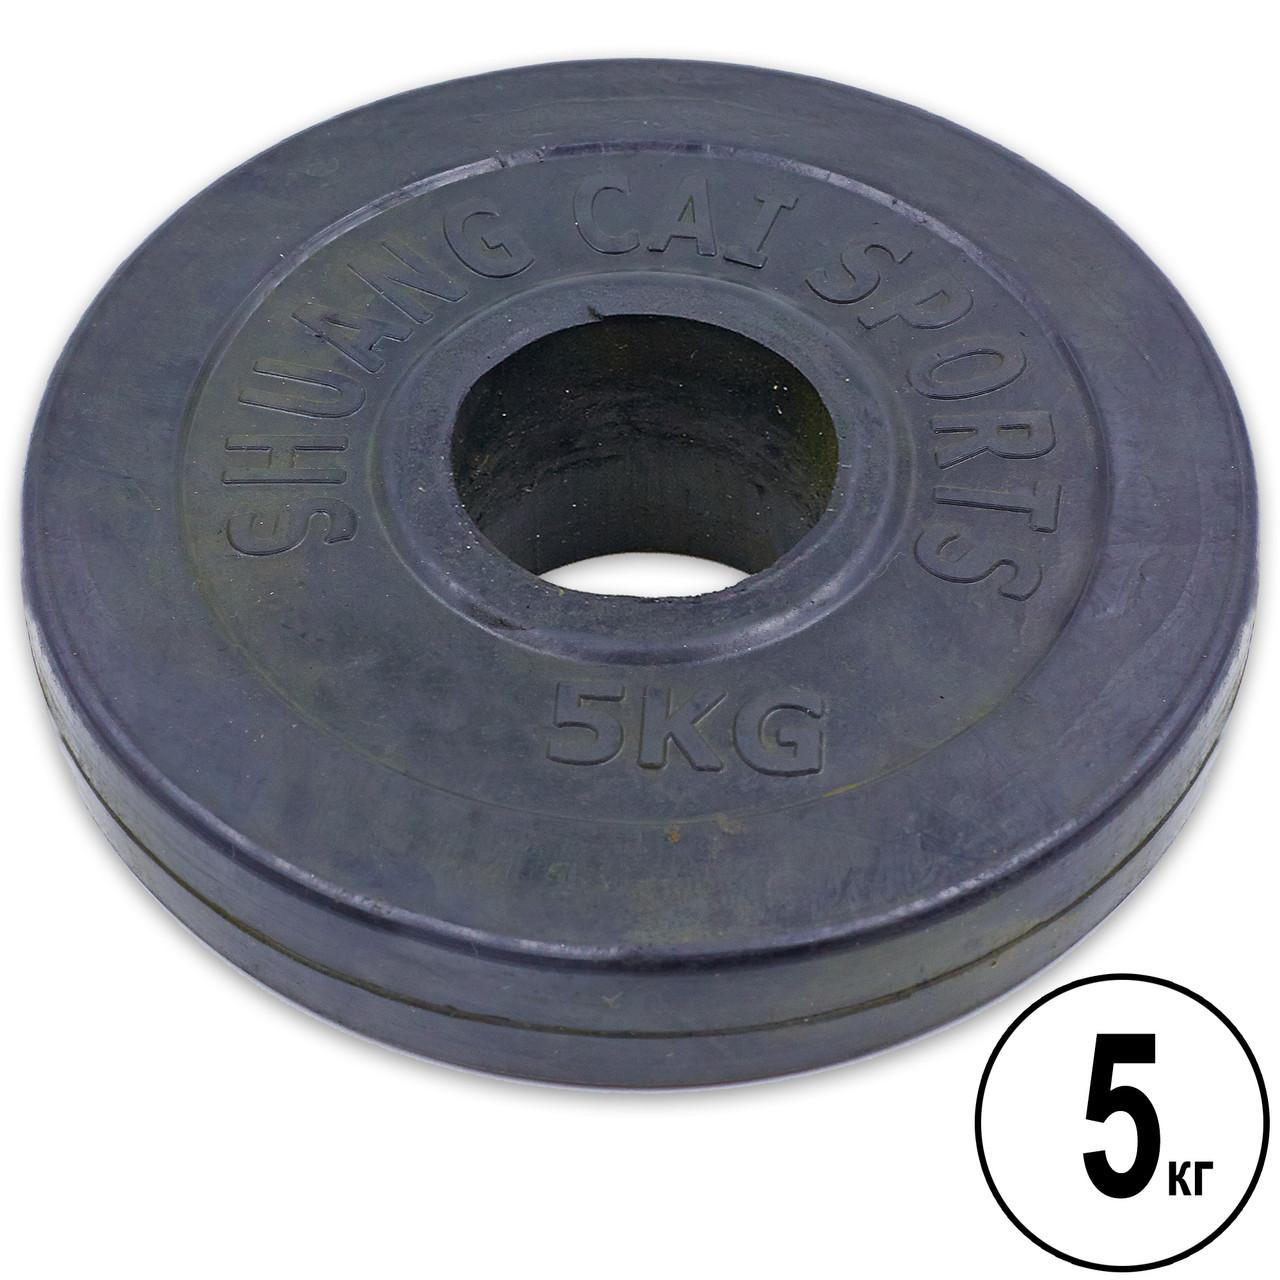 Диски обгумовані 5кг d-52мм ТА-1836  (шт )